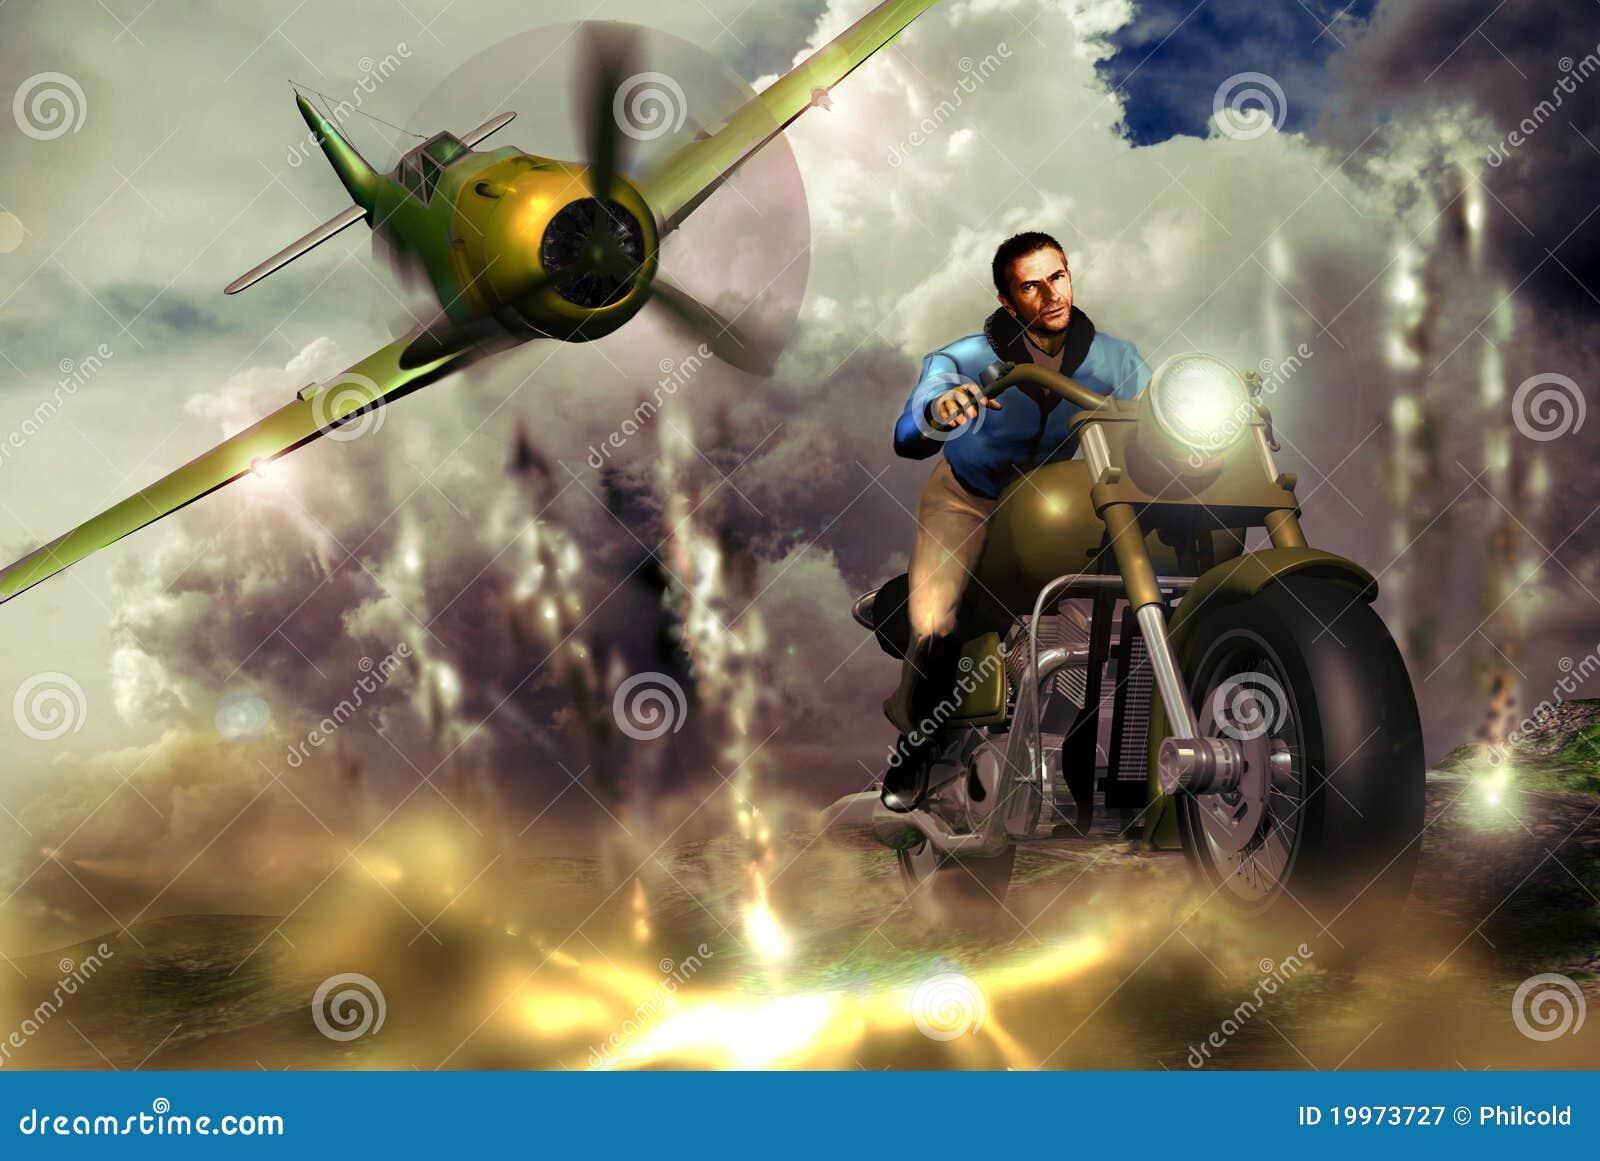 Motorista y combatiente